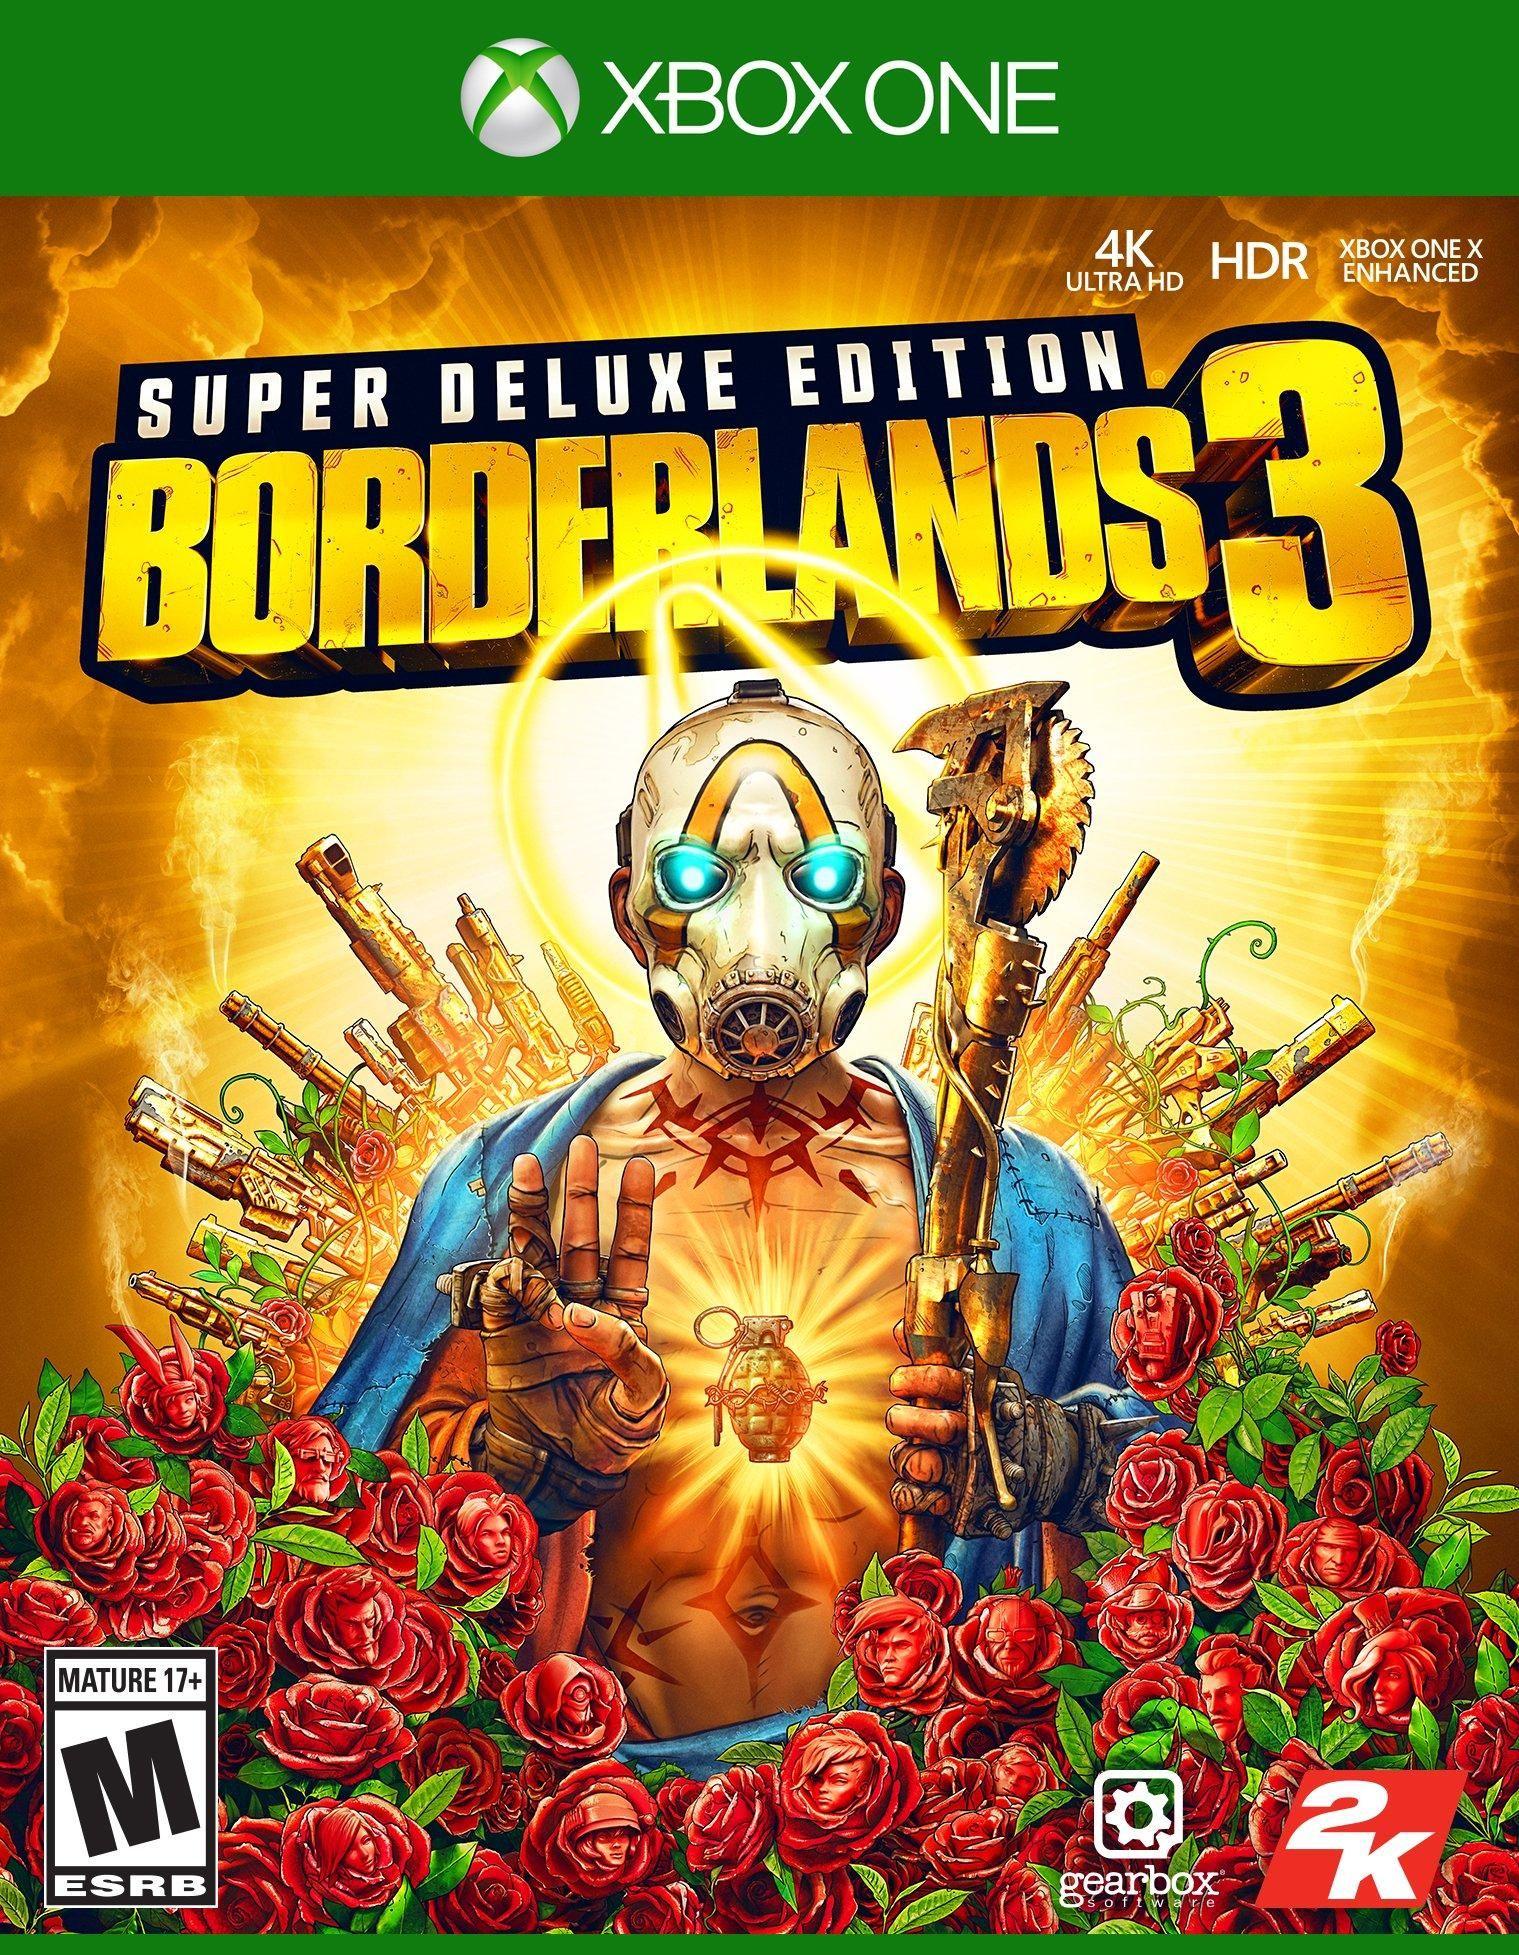 Jeu Borderlands 3 - Super Deluxe sur Xbox One